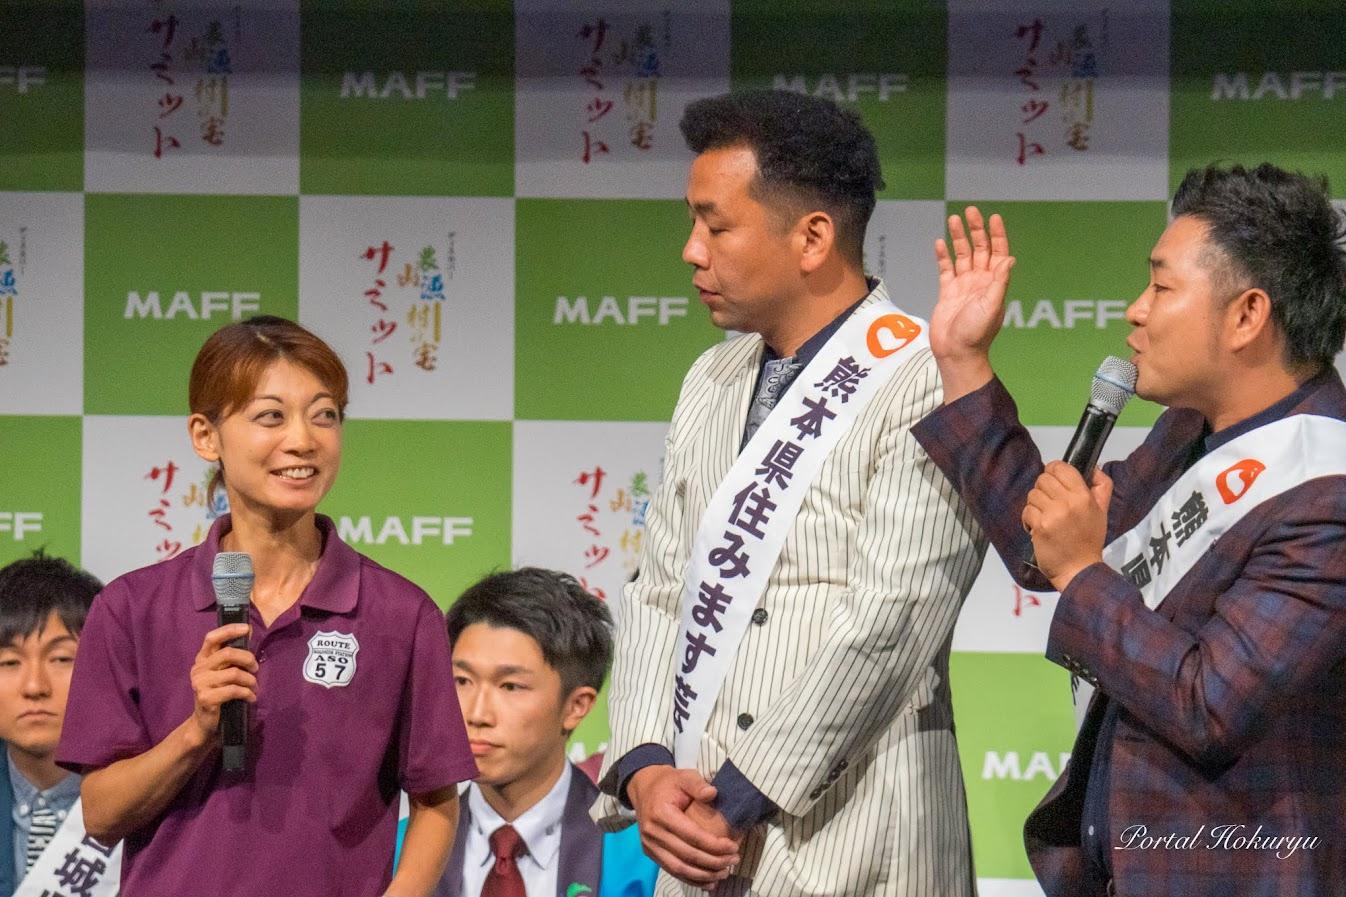 エントリーNo4:熊本県阿蘇市 第4回選定地区 NPO法人ASO田園空間博物館 原田恵佳さん